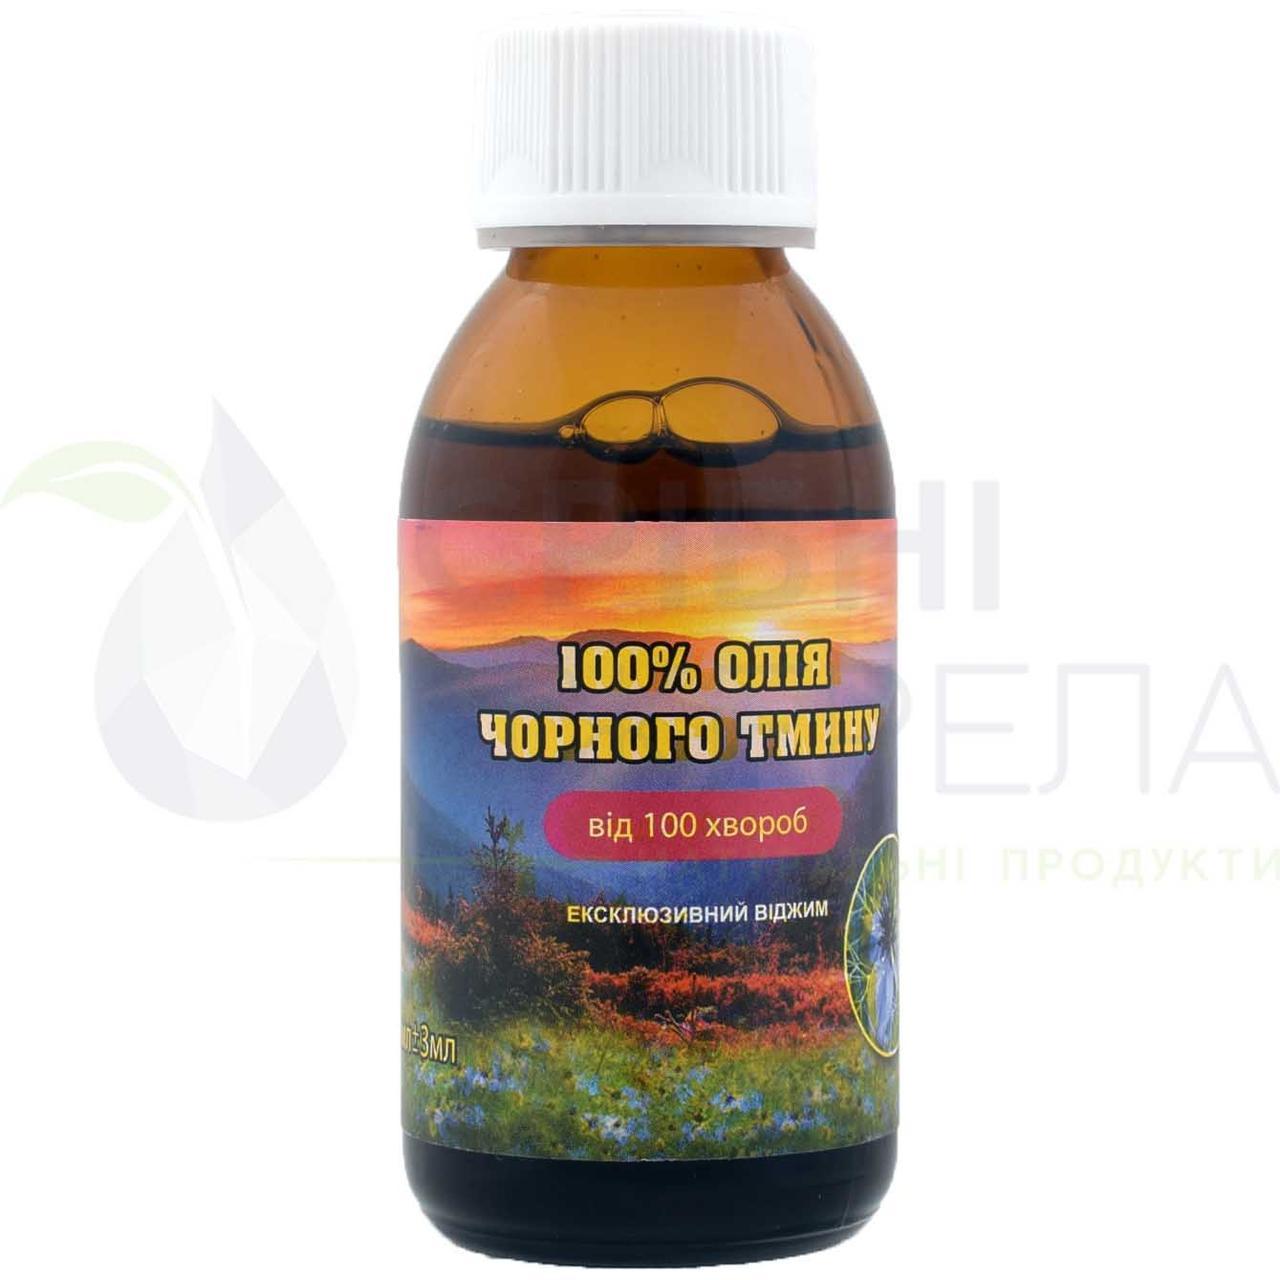 Олія Чорного кмину. 100% холодний віджим, 100 мл